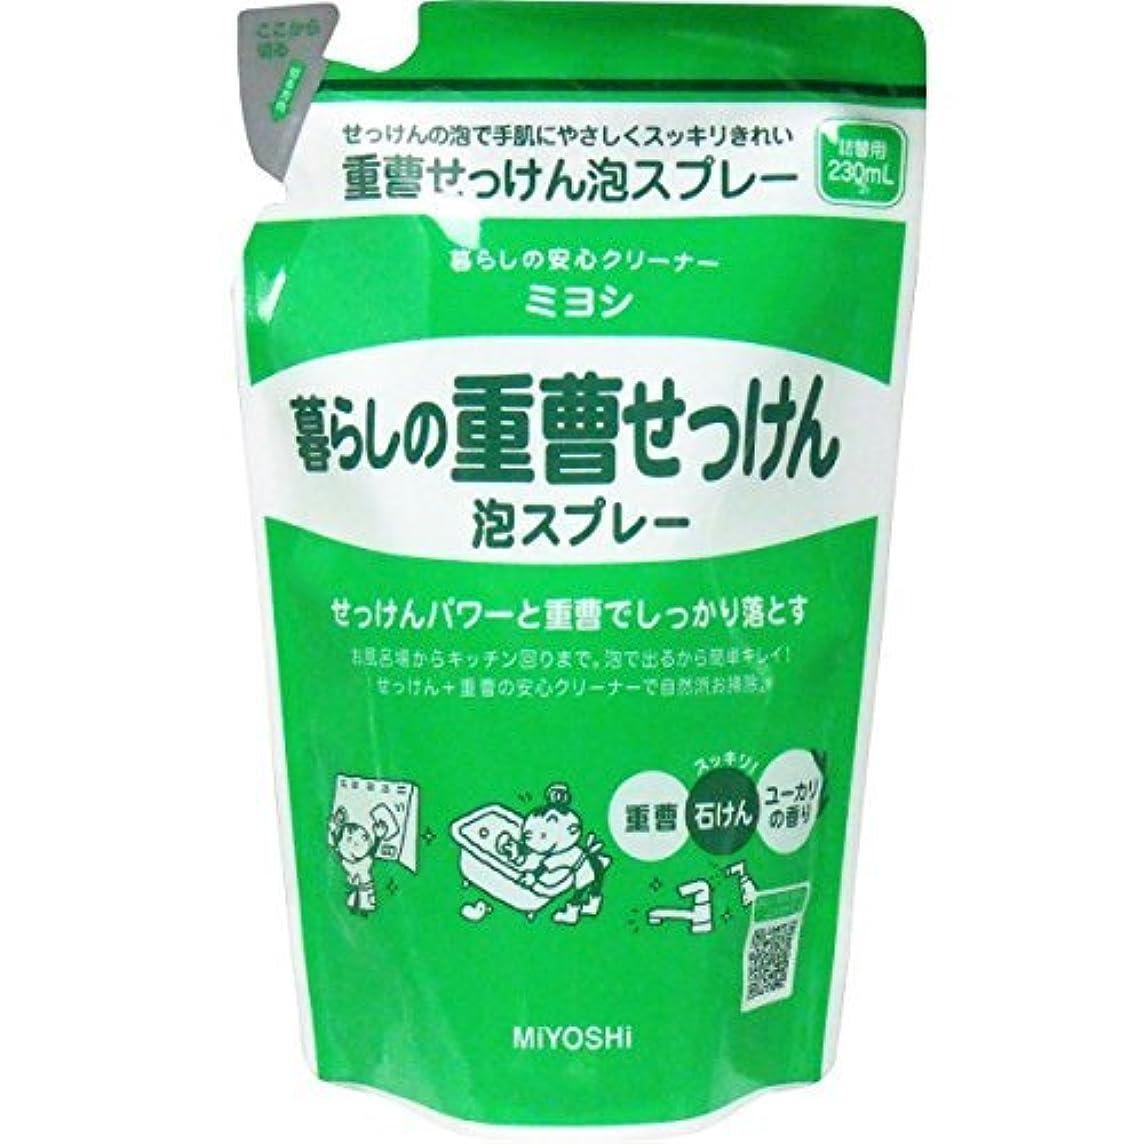 財産冷蔵するスプーン【まとめ買い】暮らしの重曹せっけん泡スプレー 詰替 230ML ミヨシ石鹸 ×3個